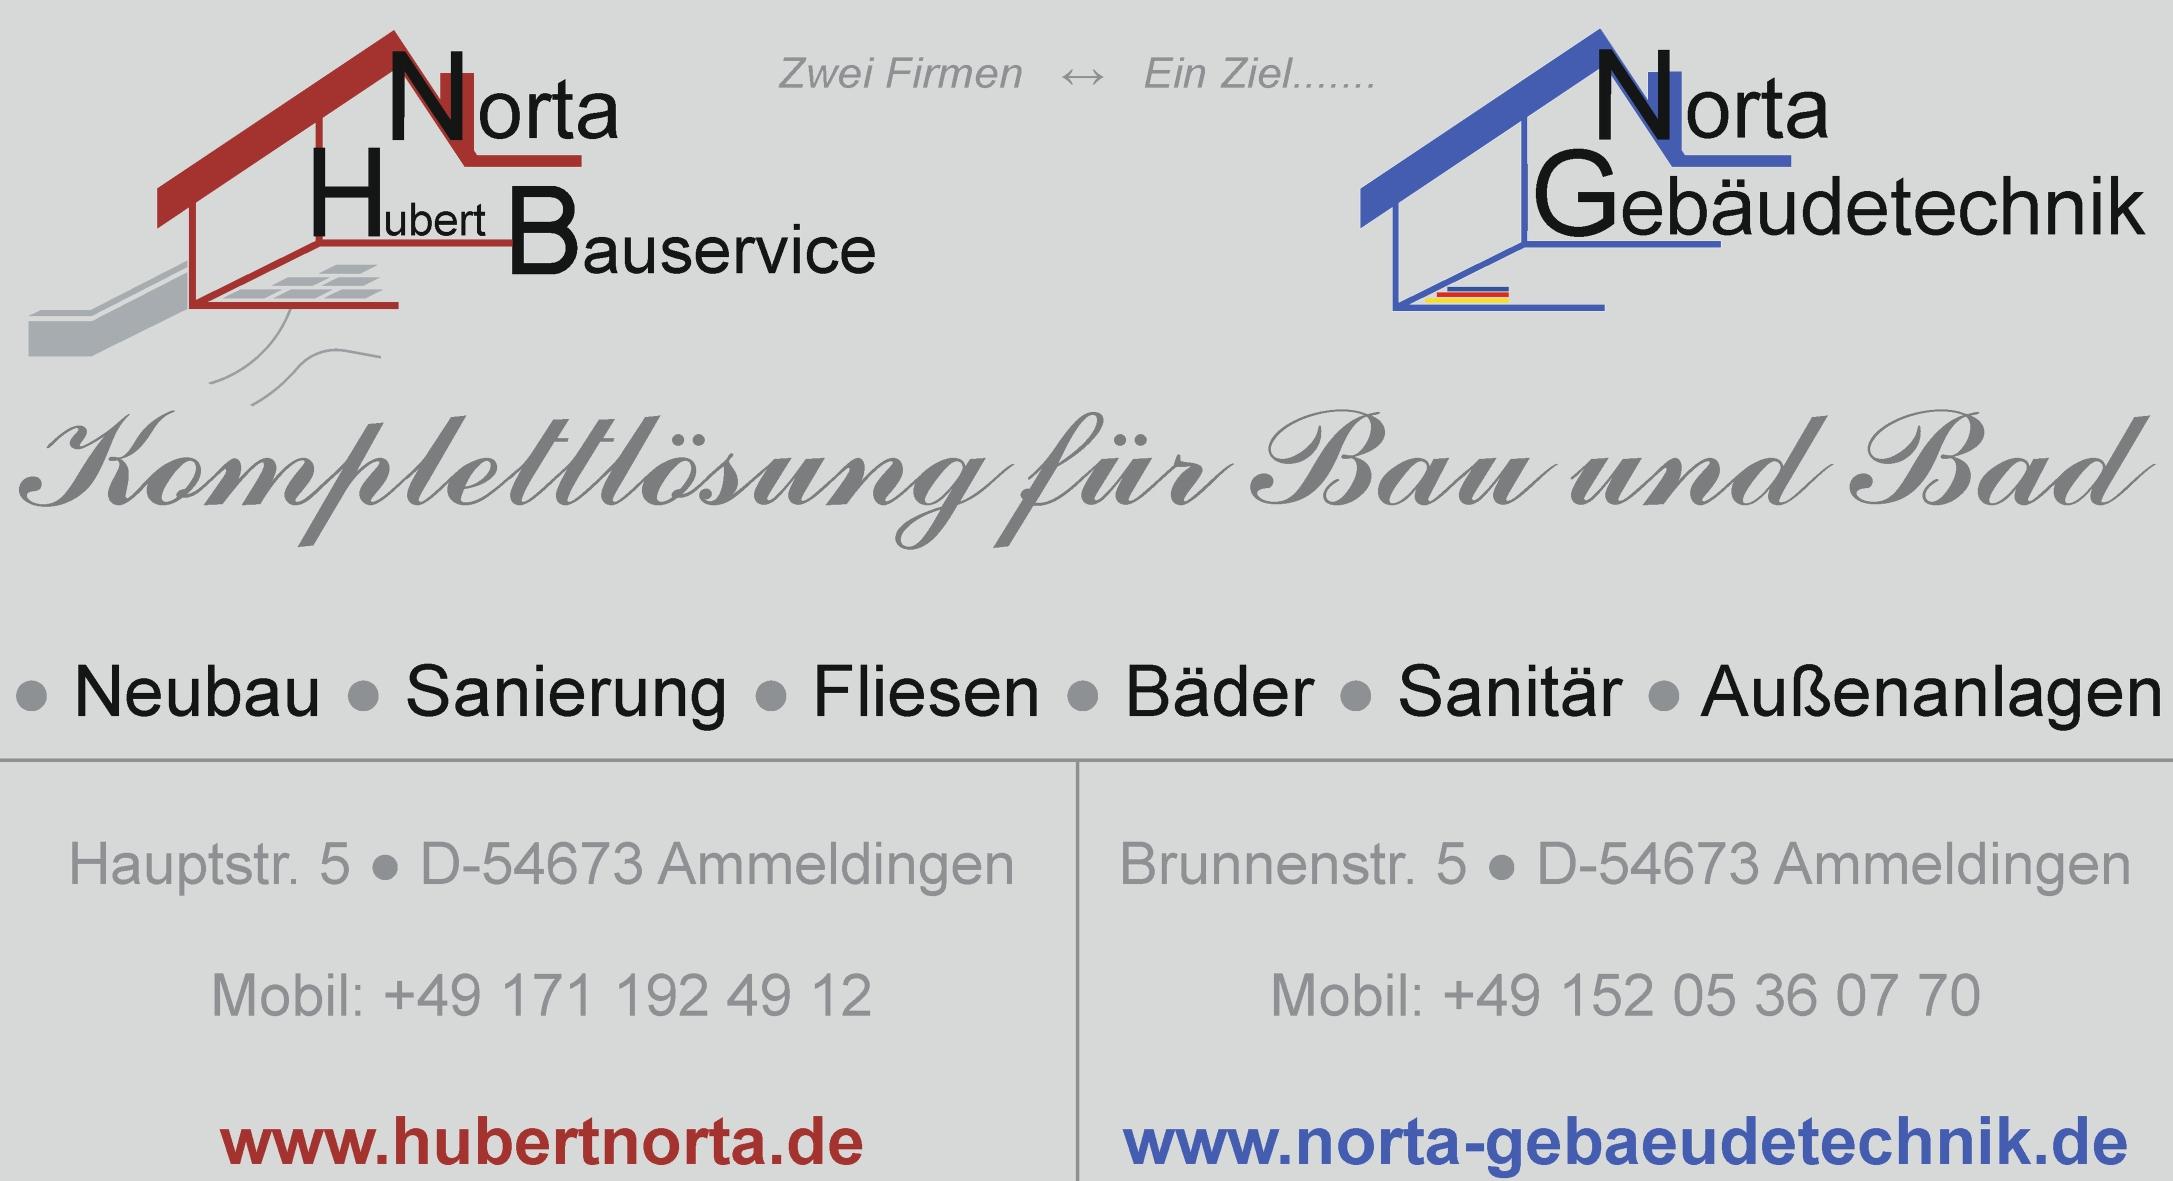 Ziewers Partner Norta Gebäudetechnik